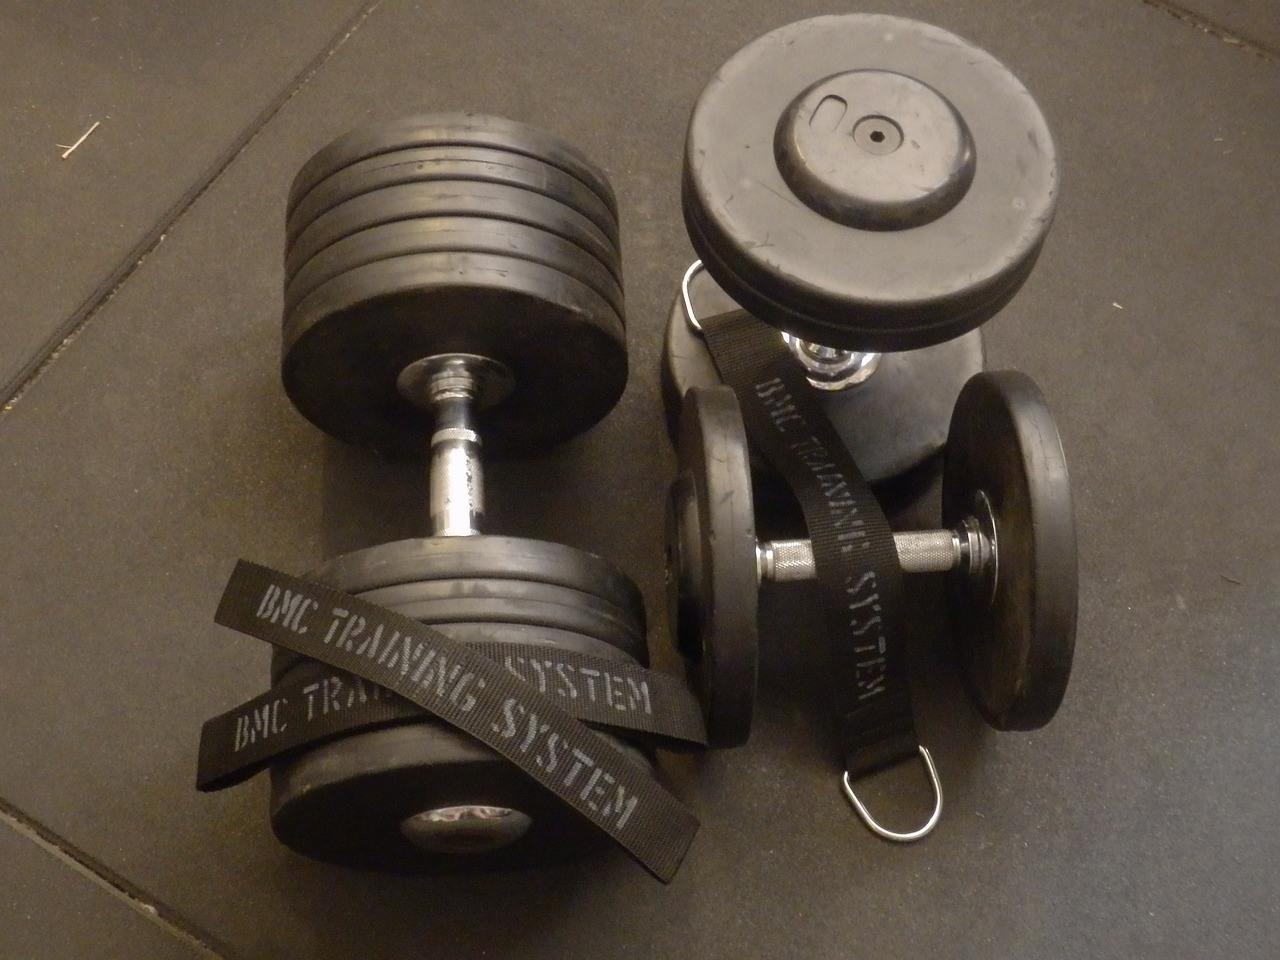 Bodylabs produkter er gode sammen med træning